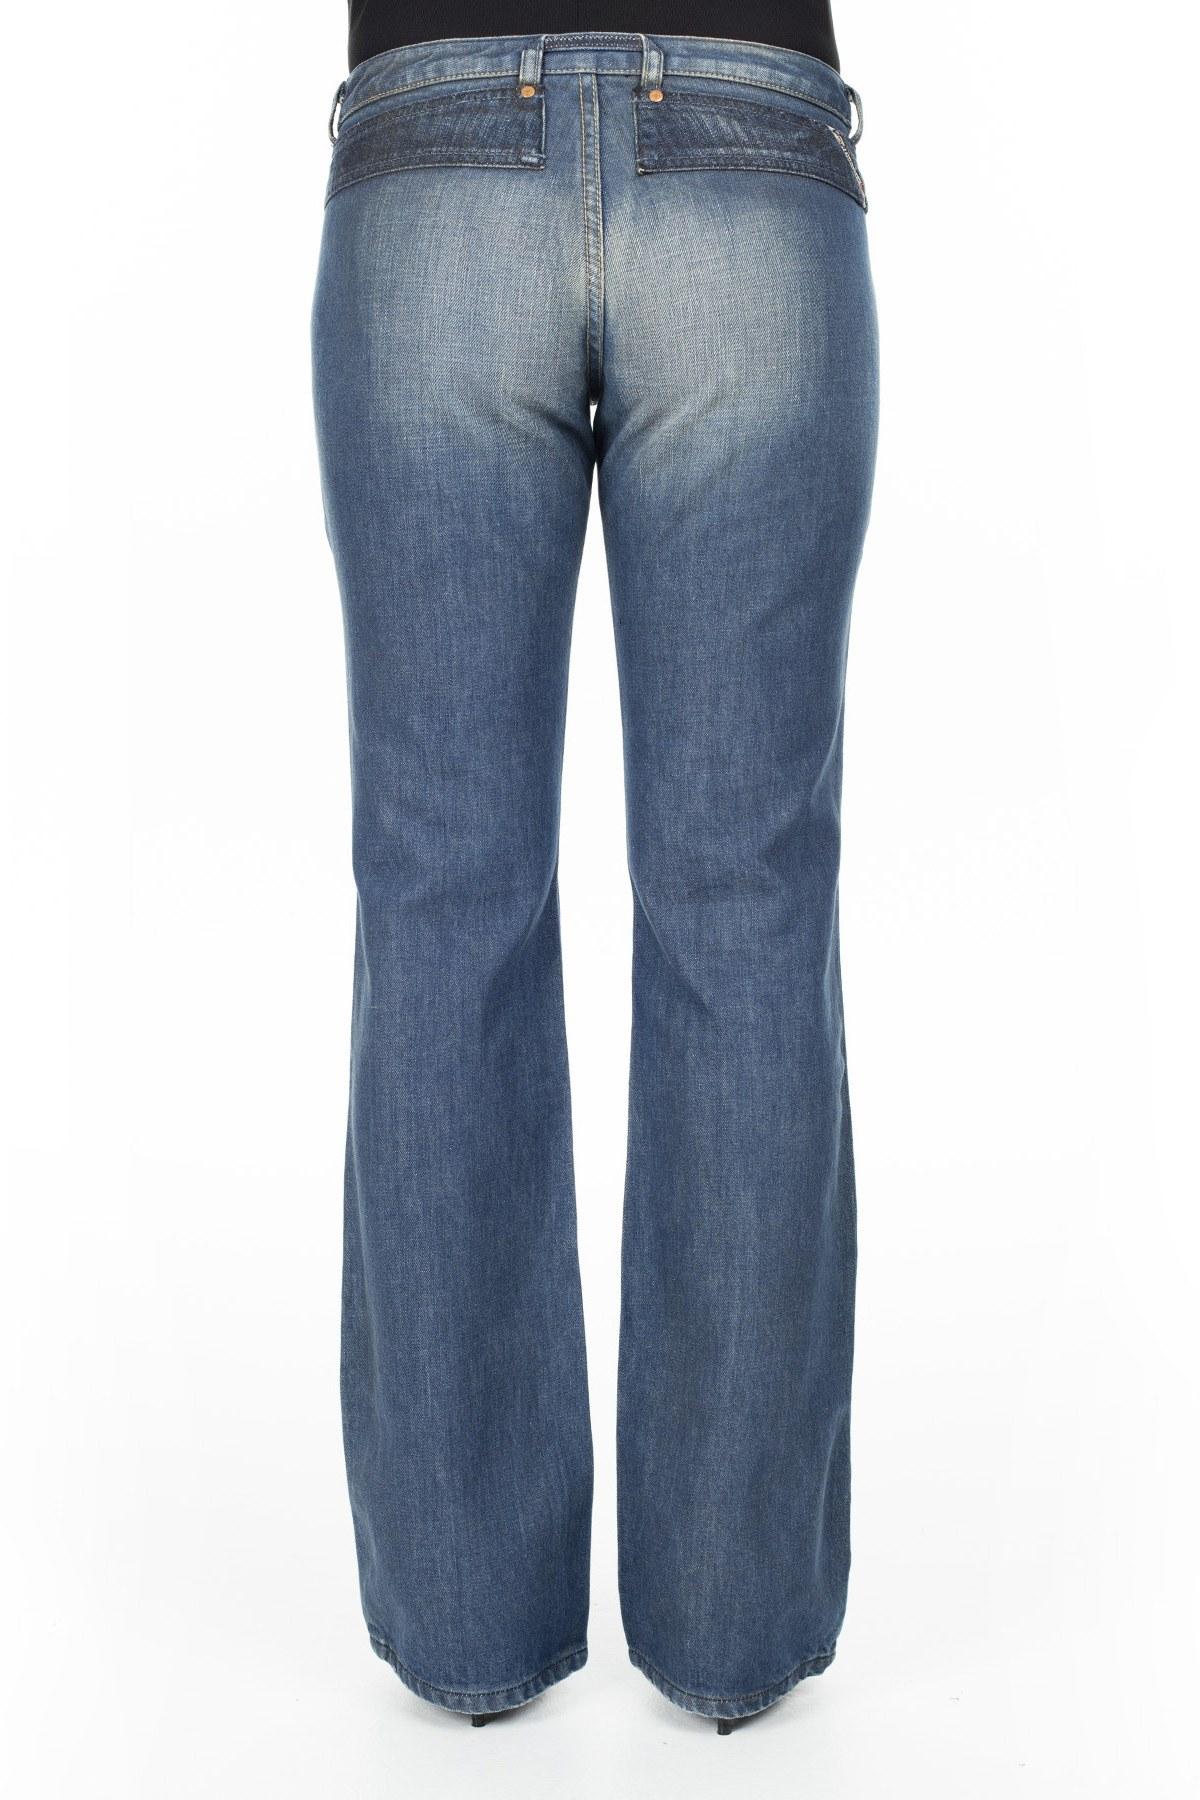 Diesel Jeans Bayan Kot Pantolon ZOXCROSSIM İNDİGO